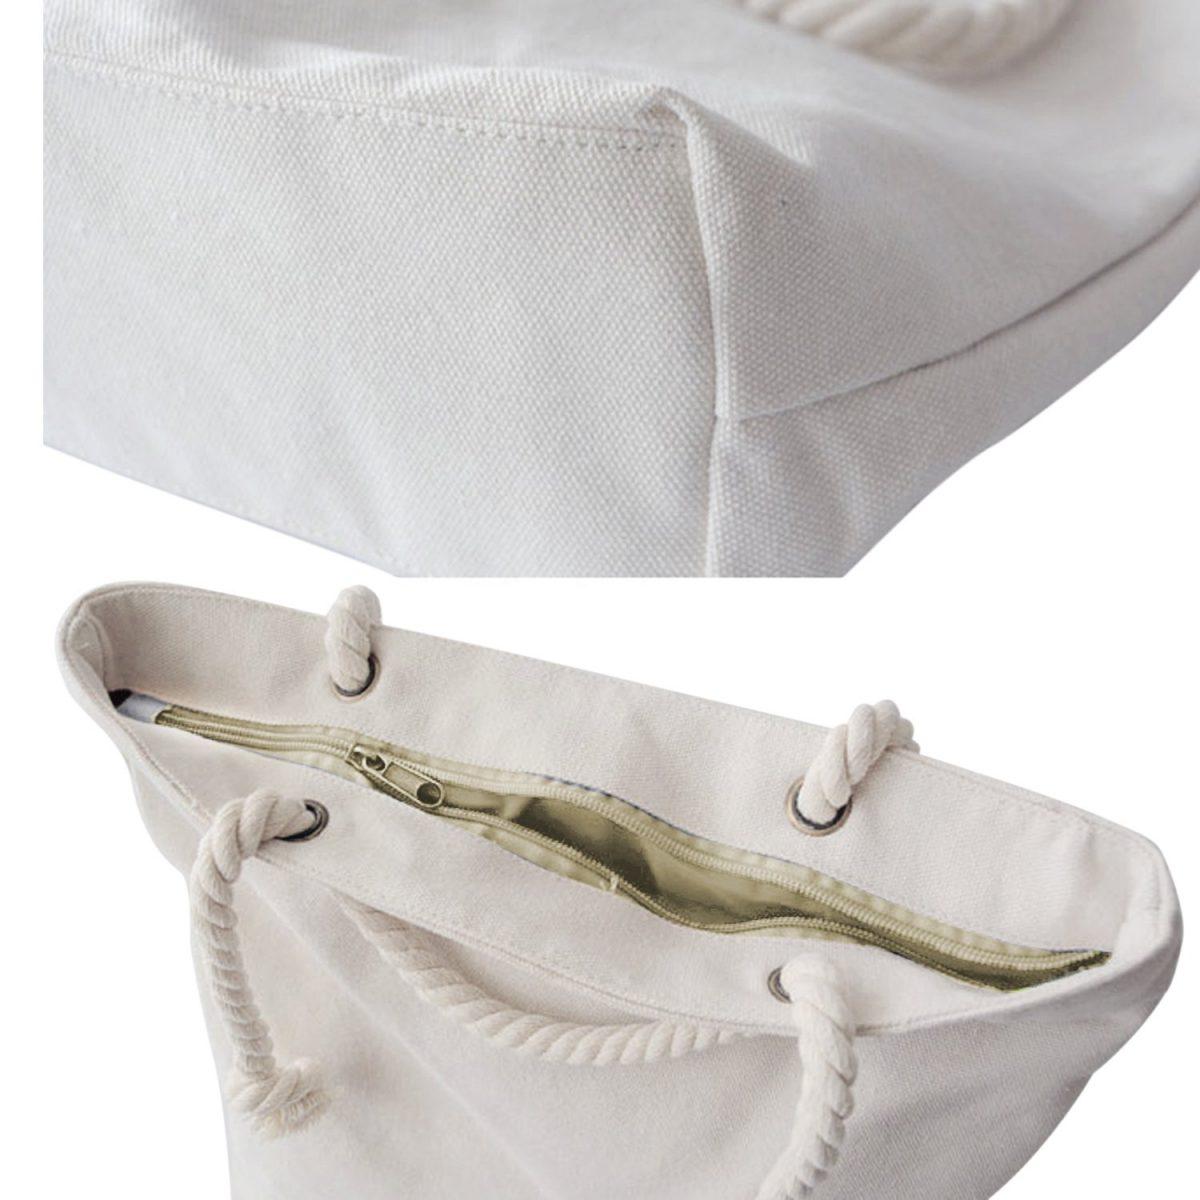 Baykuş Desenli Dijital Baskılı Fermuarlı Modern Kumaş Çanta Realhomes